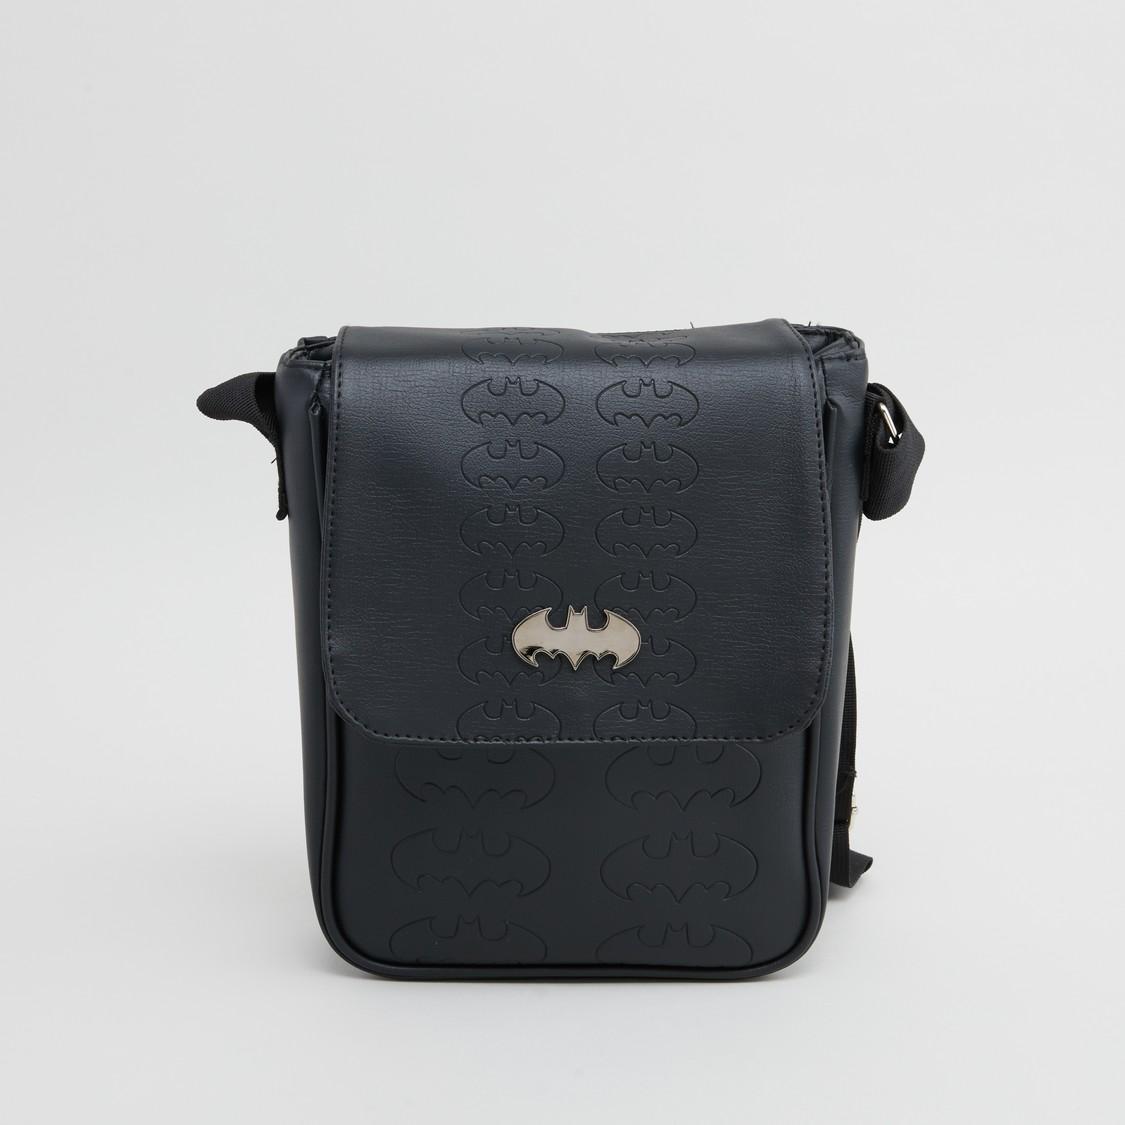 حقيبة ماسنجر بارزة الملمس بحمّالة قابلة للتعديل وطبعات باتمان